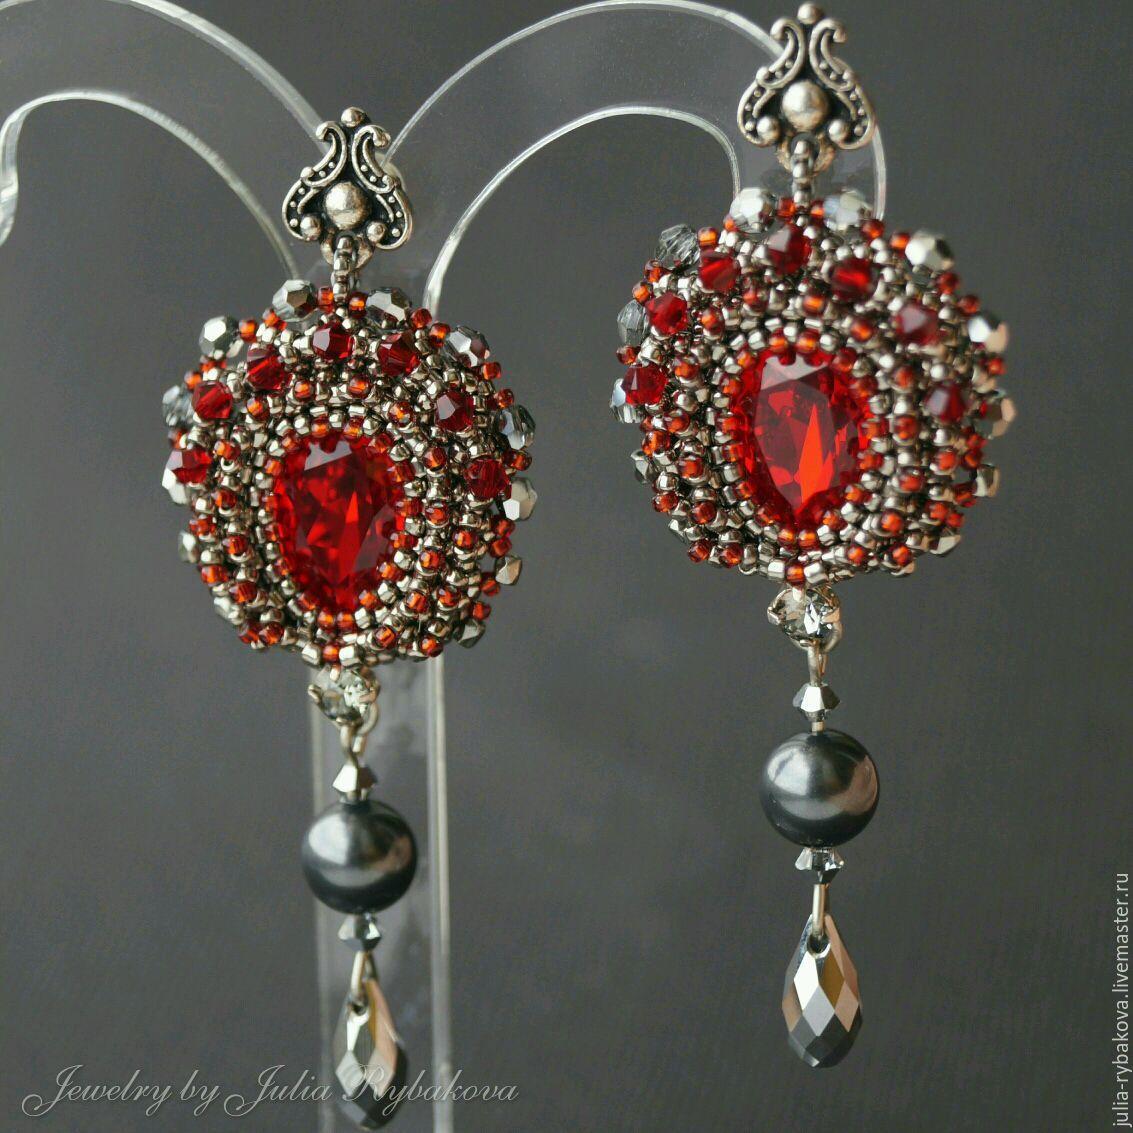 Купить Вечерние серьги с кристаллами Swarovski, длинные, бордовые, нарядные - вечерние серьги, нарядные серьги